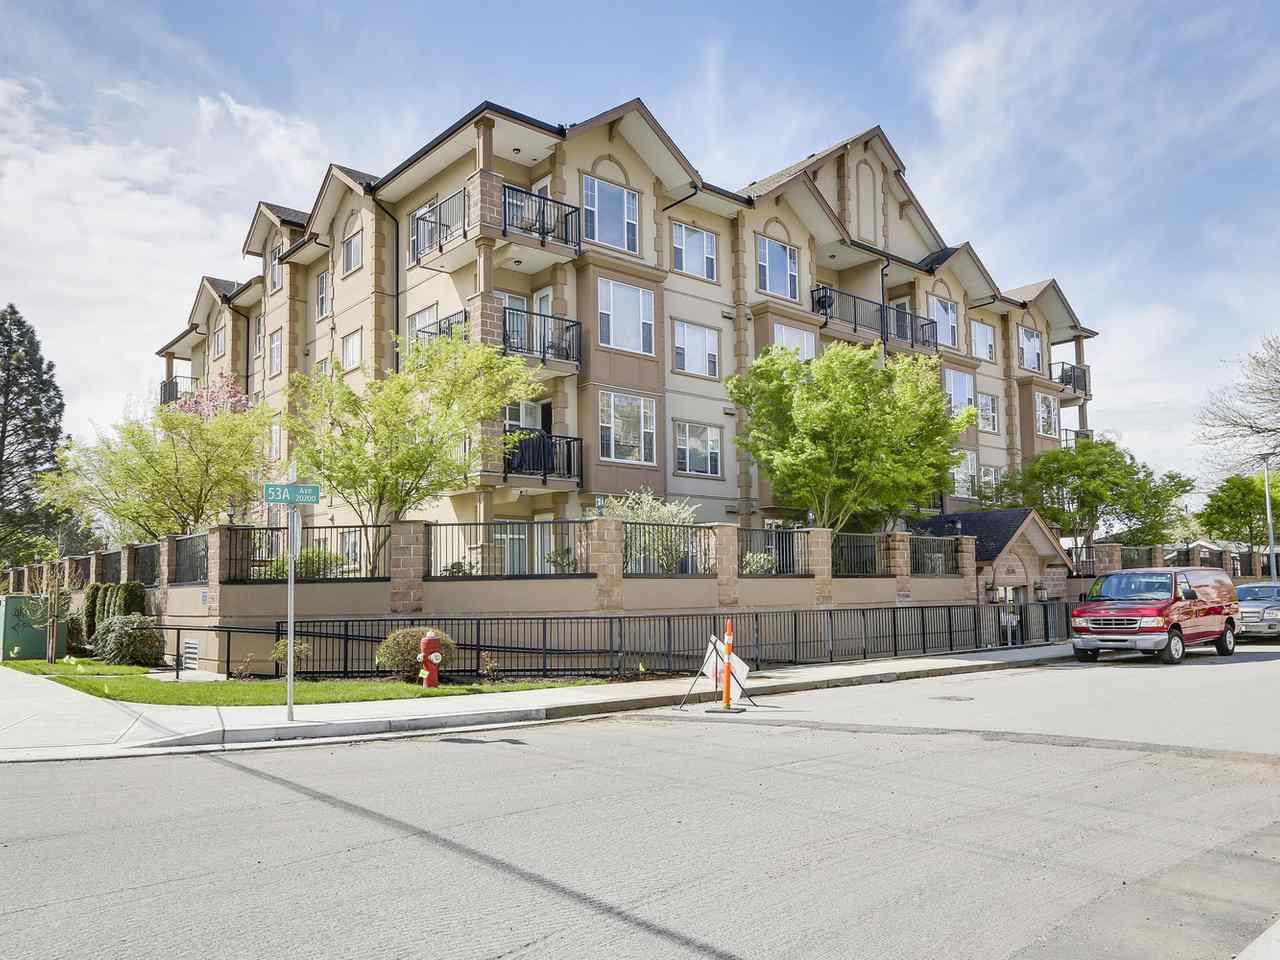 """Main Photo: 306 20286 53A Avenue in Langley: Langley City Condo for sale in """"CASA VERONA"""" : MLS®# R2158193"""